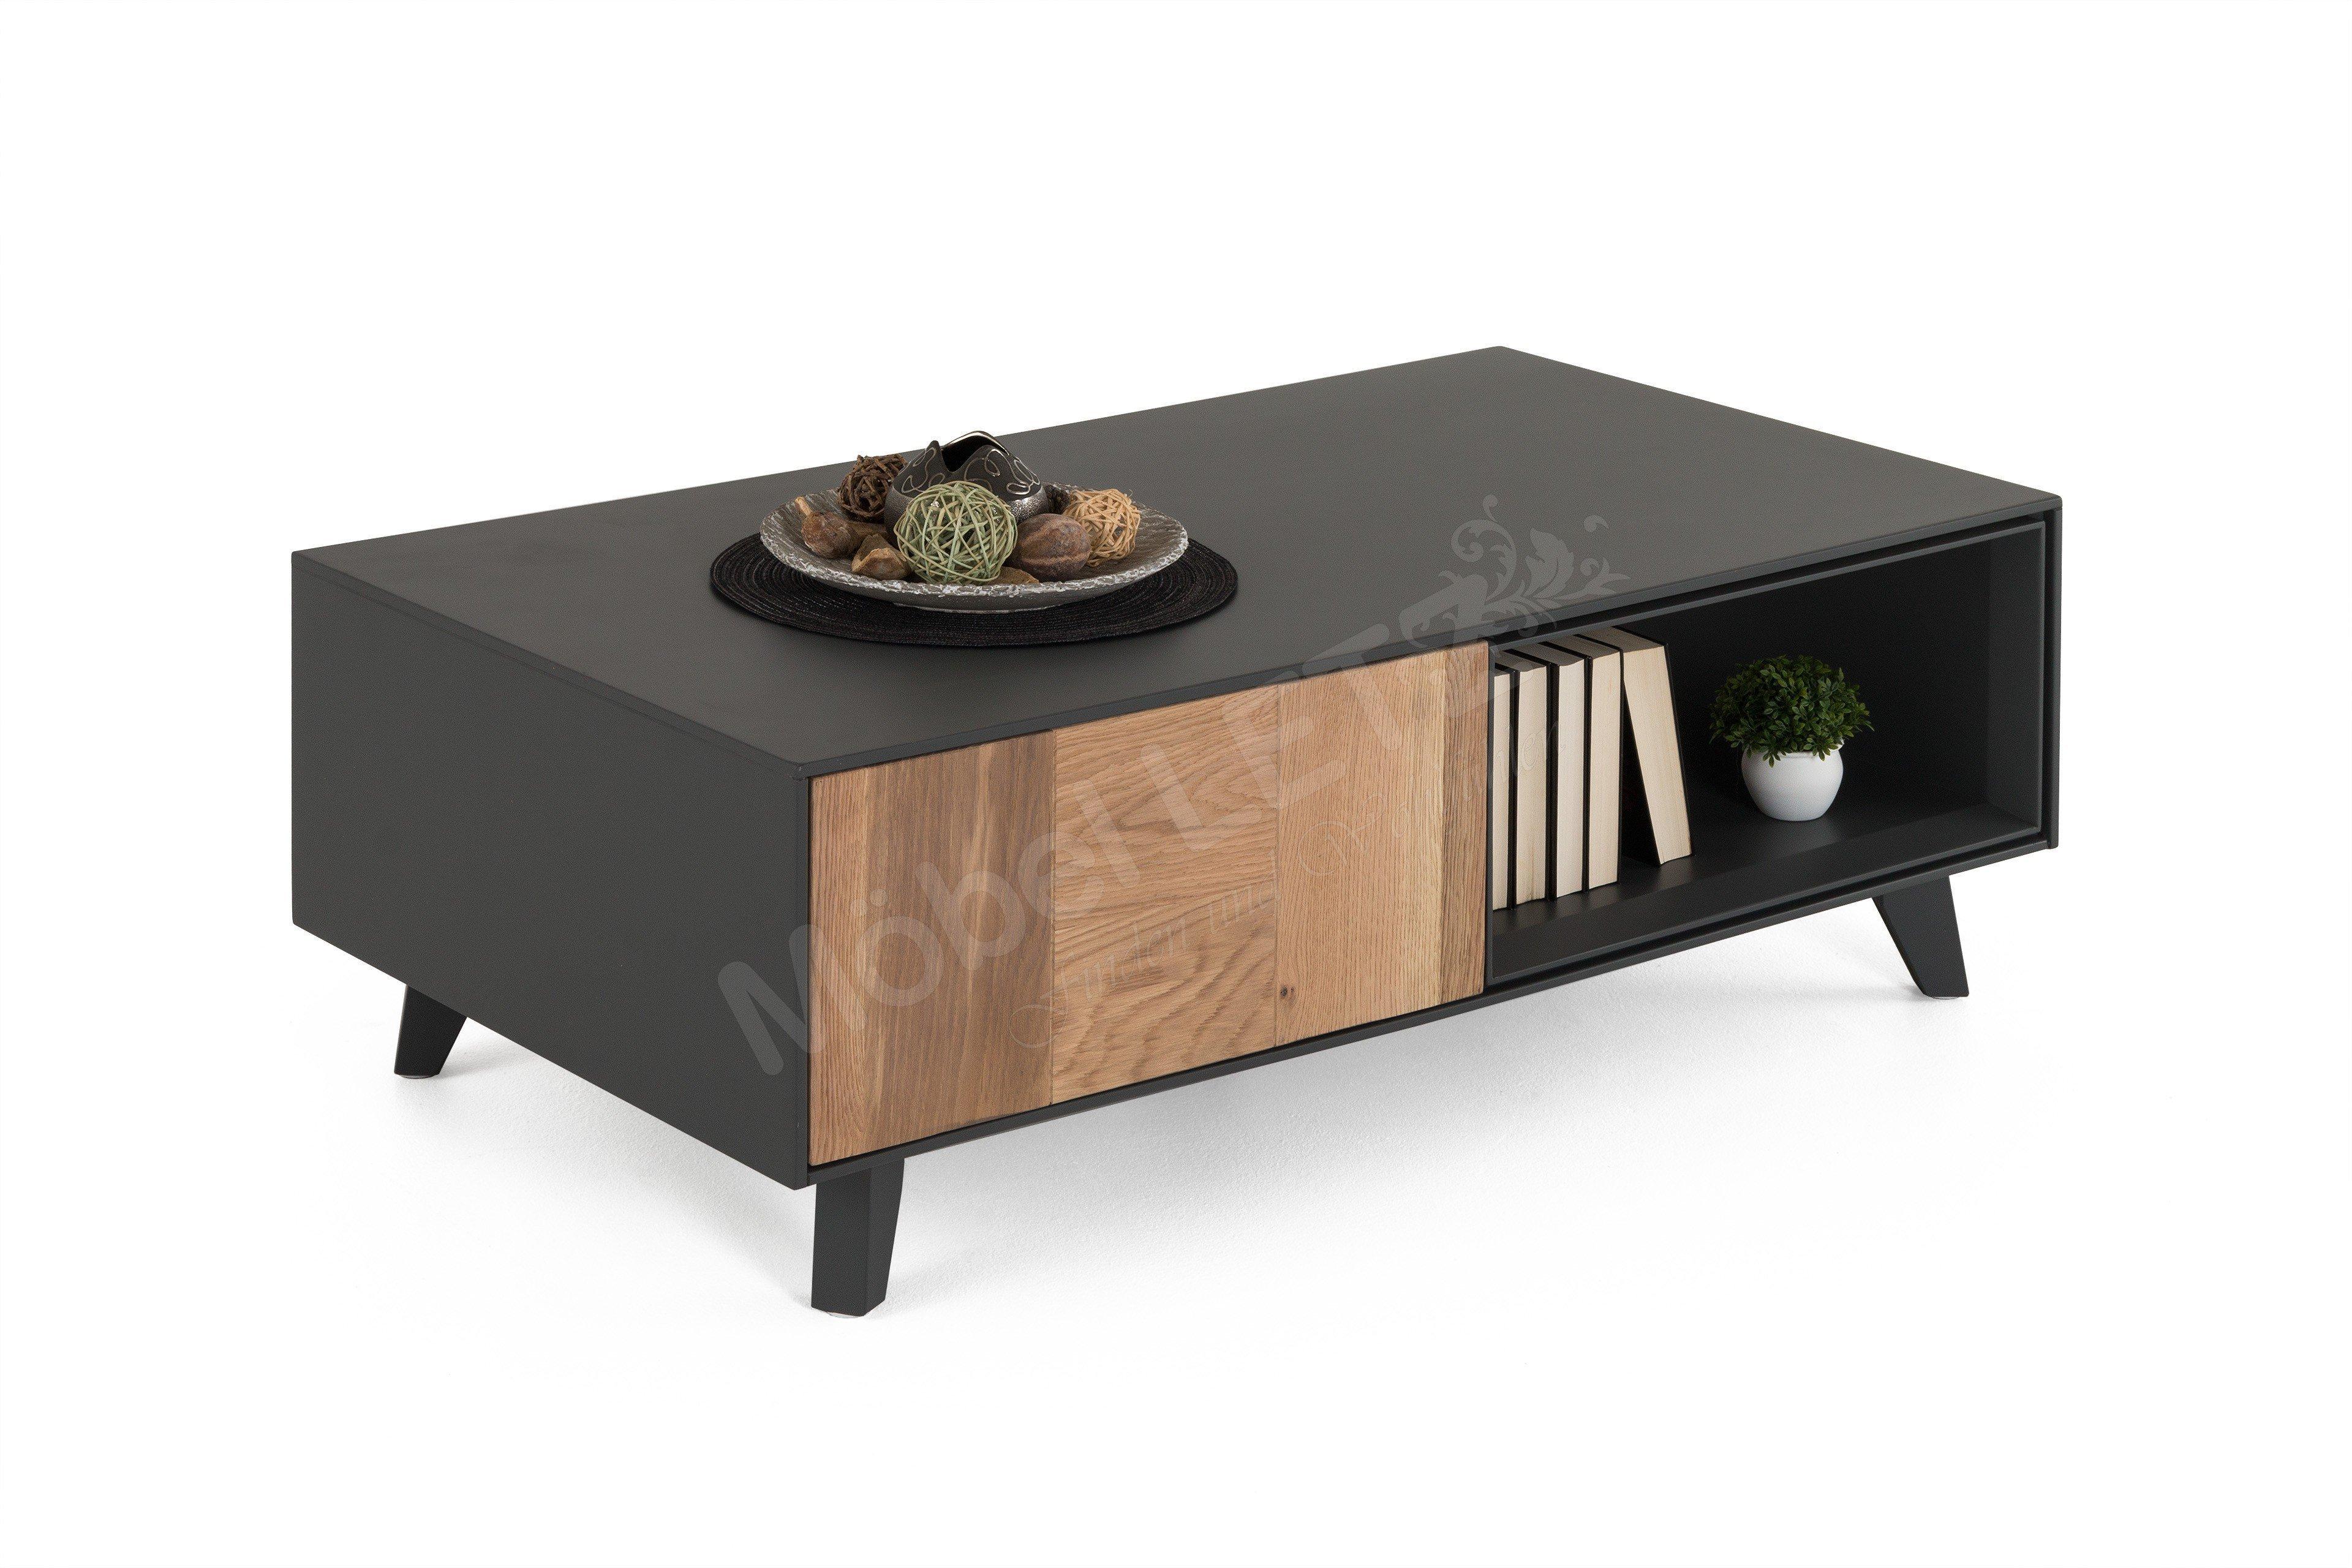 gutmann couchtisch michigan grau eiche m bel letz ihr online shop. Black Bedroom Furniture Sets. Home Design Ideas